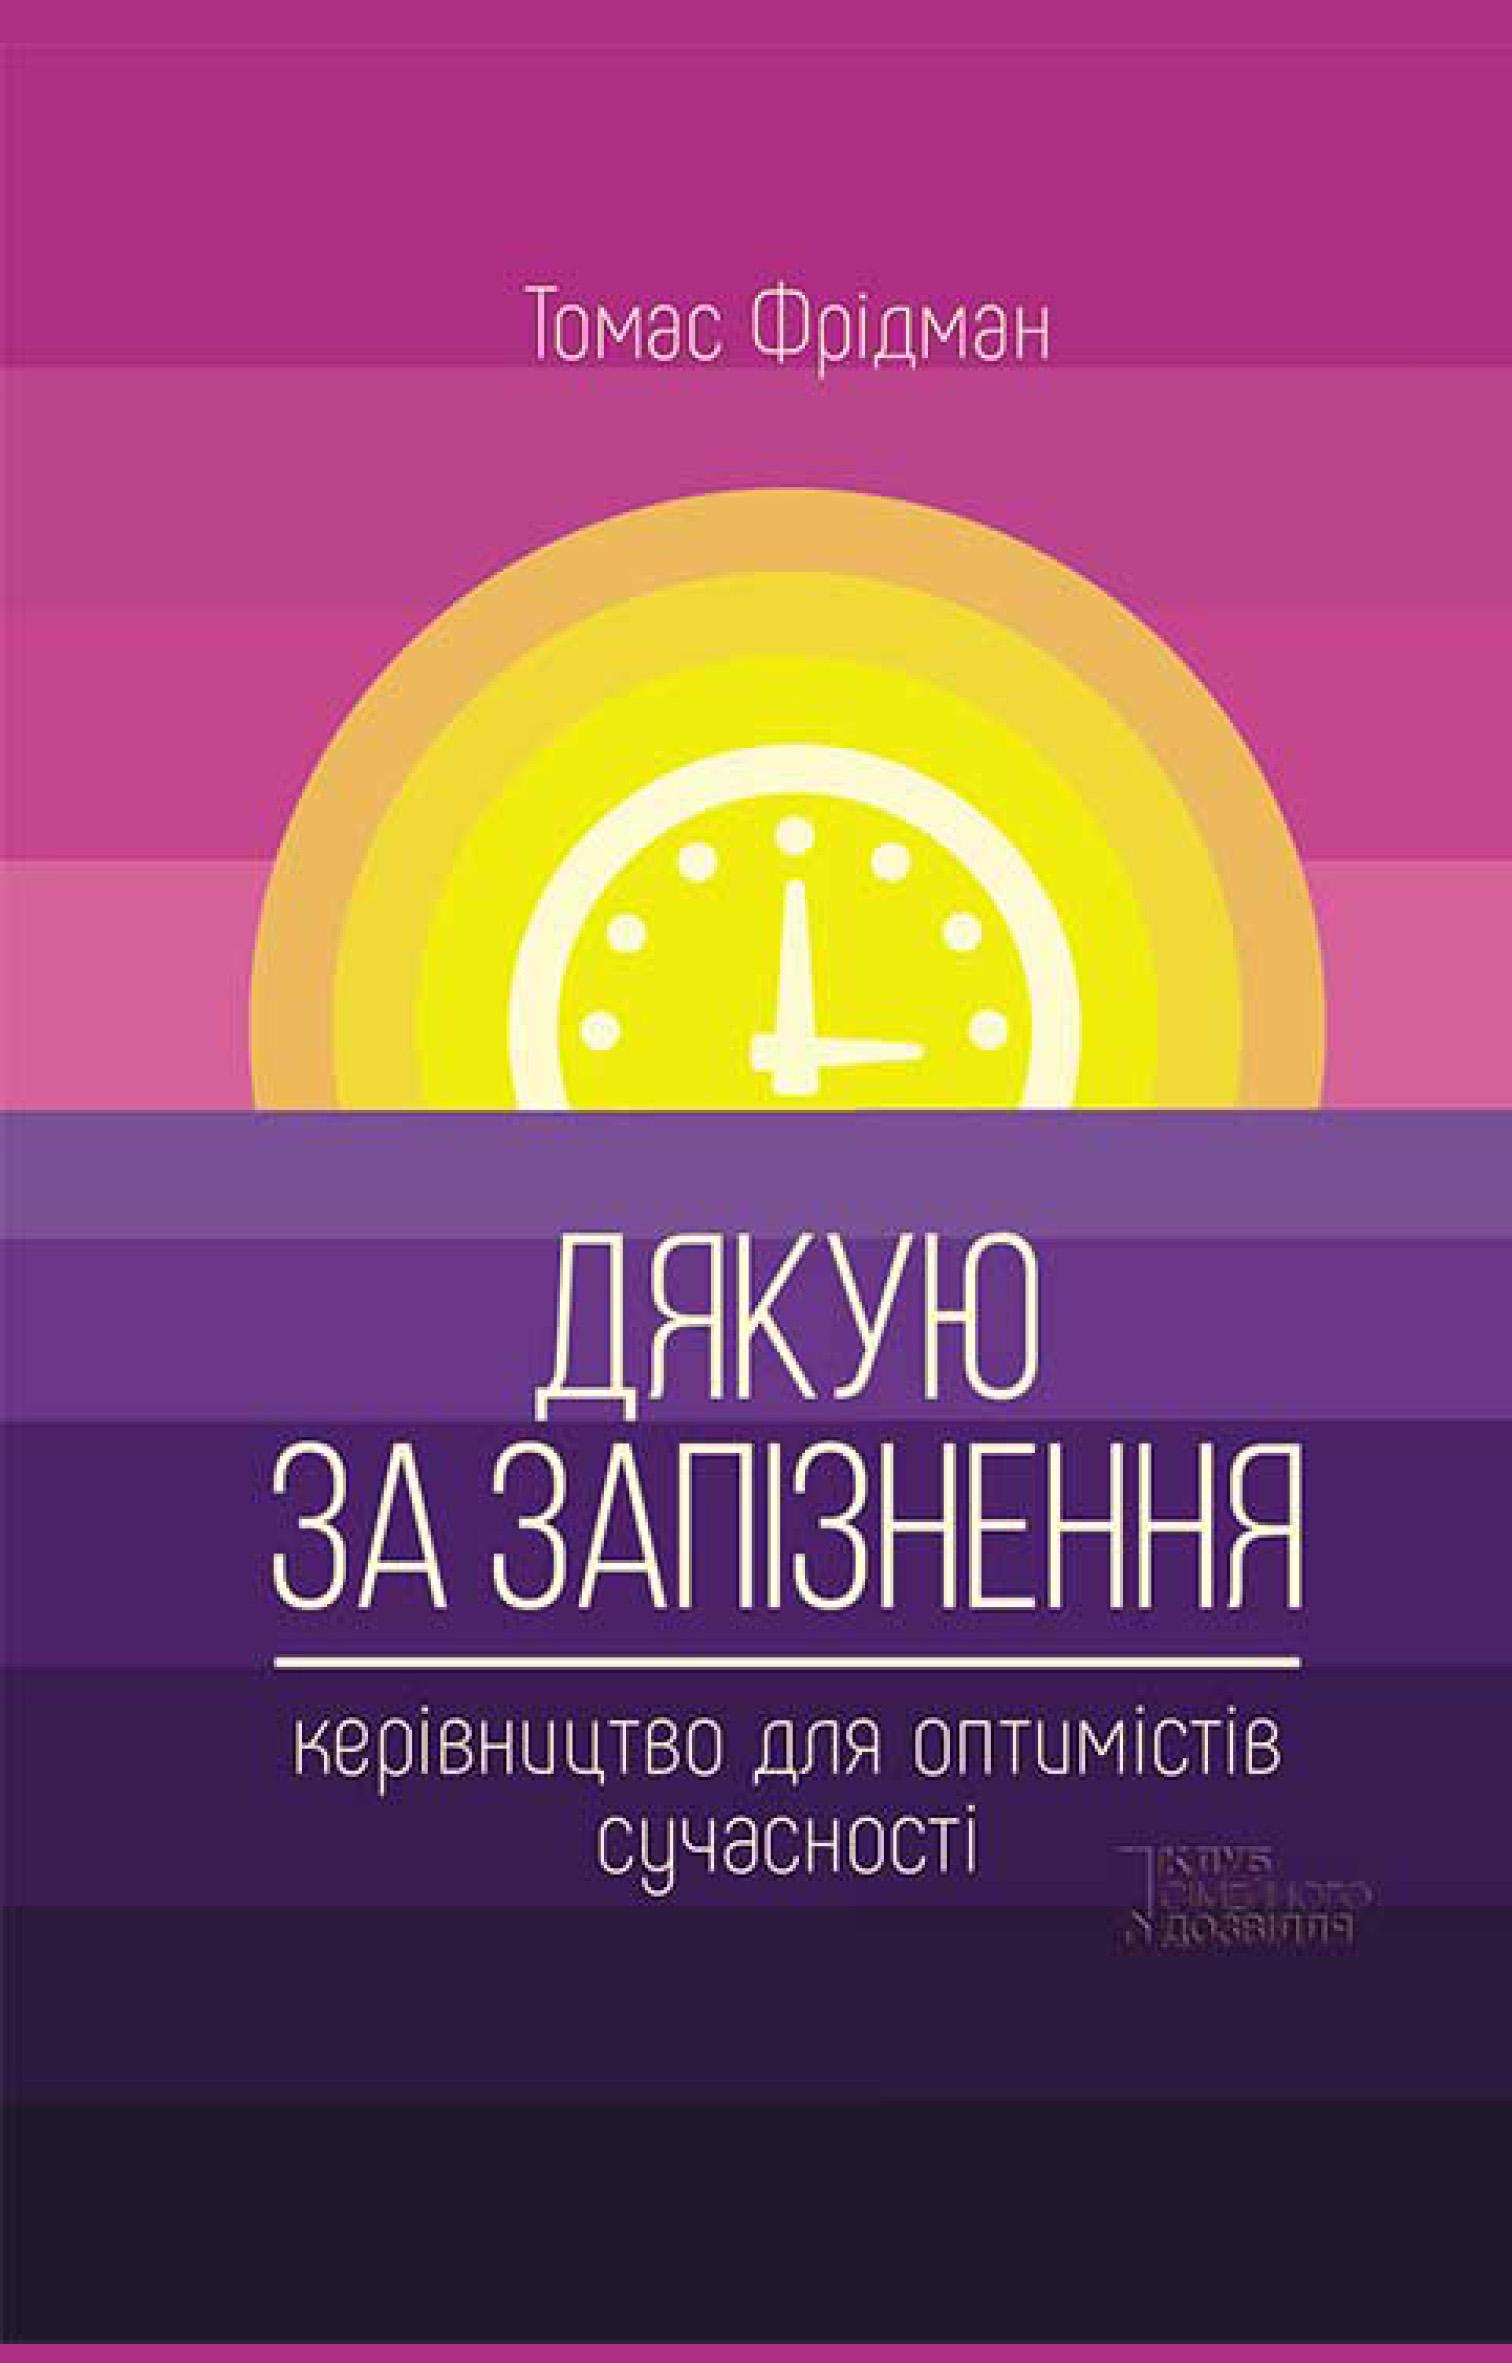 Томас Фридман Дякую за запізнення: керівництво для оптимістів сучасності кейт феррацці ваш надійний тил як налагодити зв'язки що приведуть до успіху